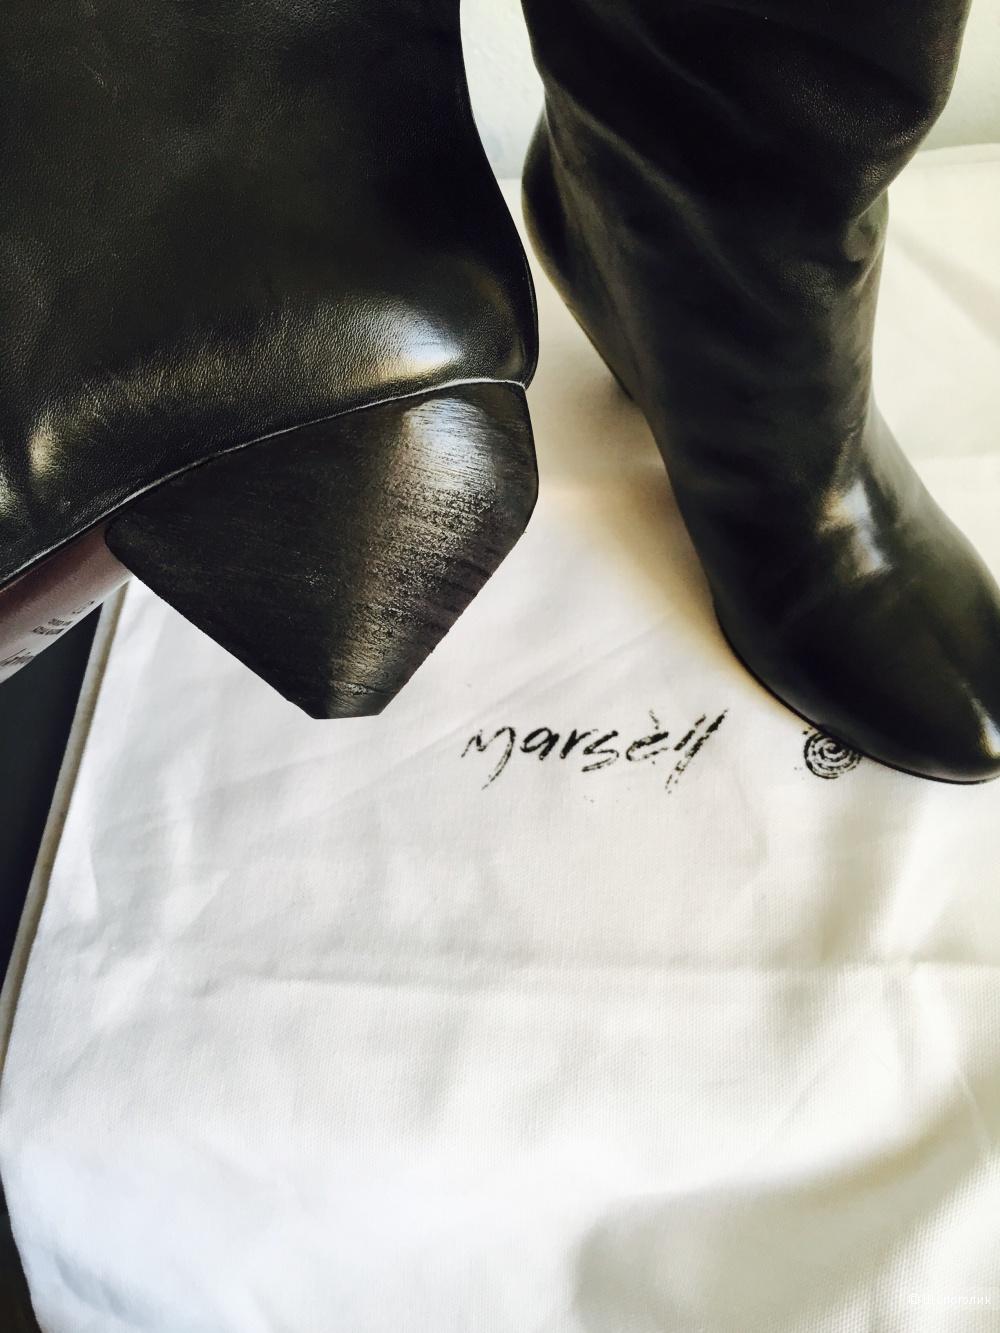 Marsell кожаные сапоги 37 размер